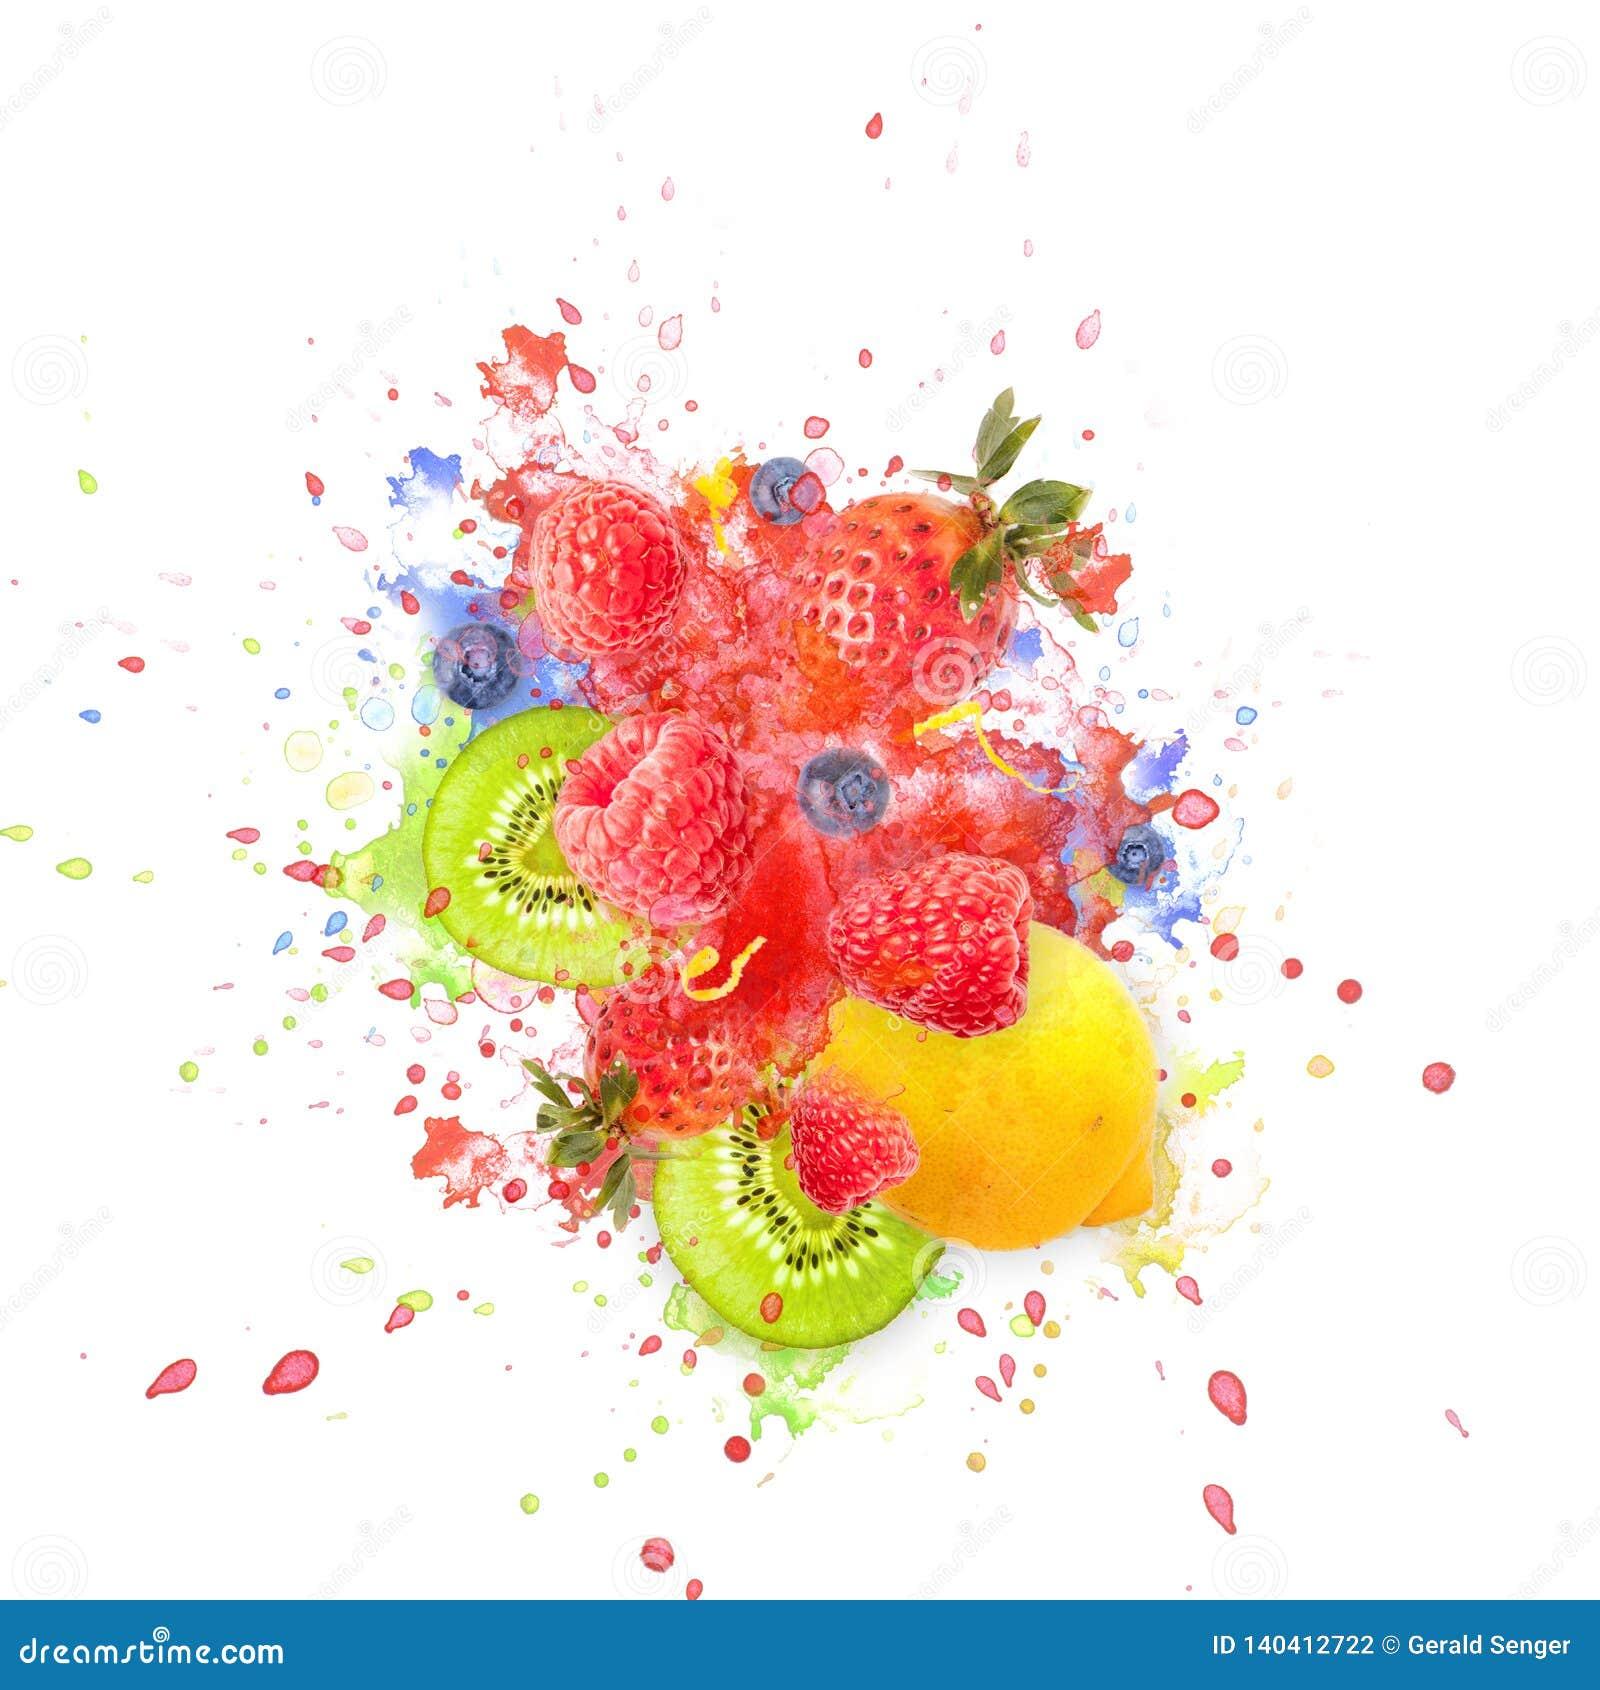 Kunstvoll und entwarf liebevoll Fruchtexplosion mit Himbeeren, Brombeeren, Erdbeeren, Kiwis, Zitrone und Wasser